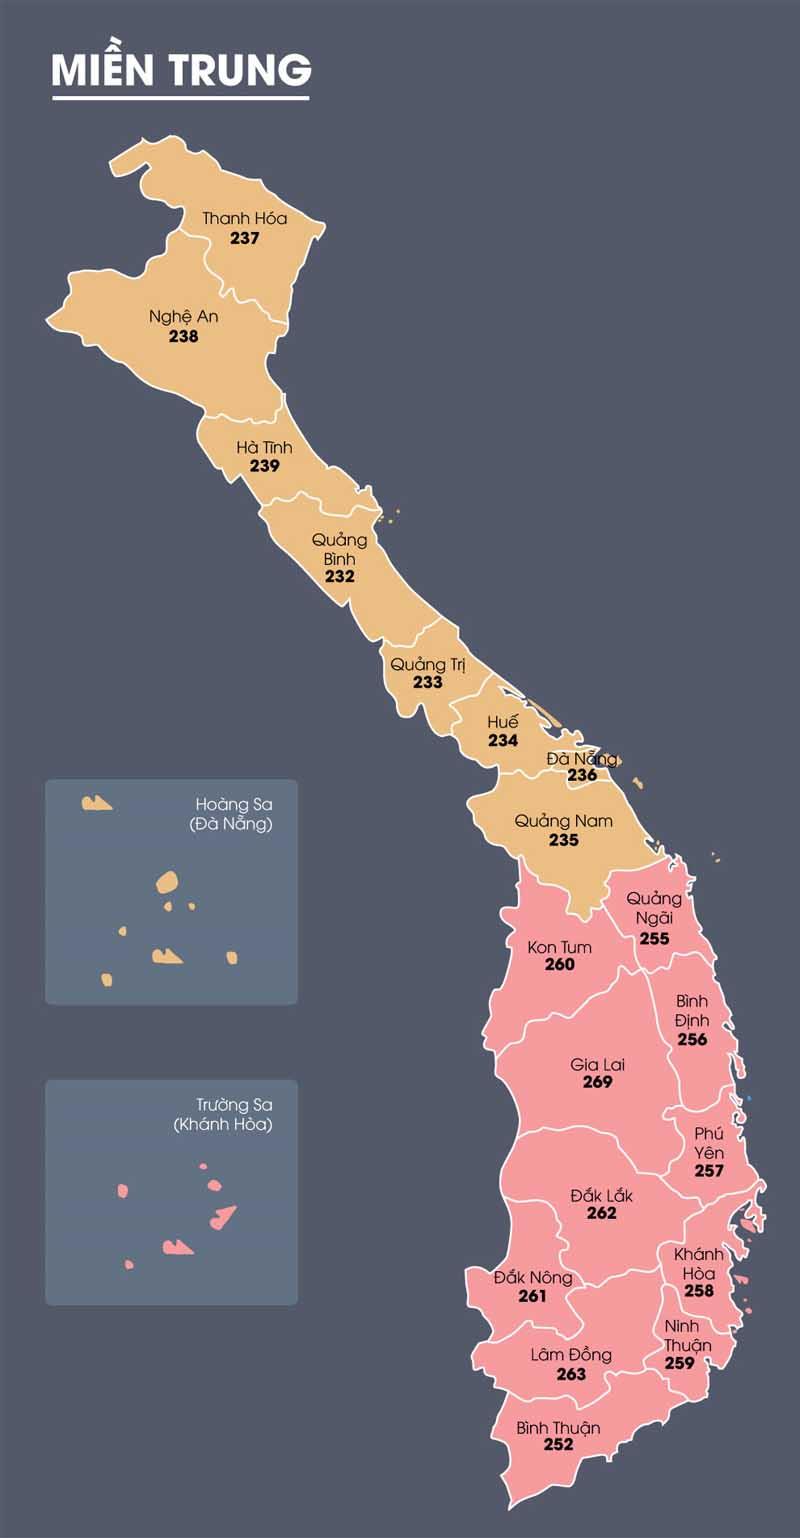 Mã vùng miền Trung